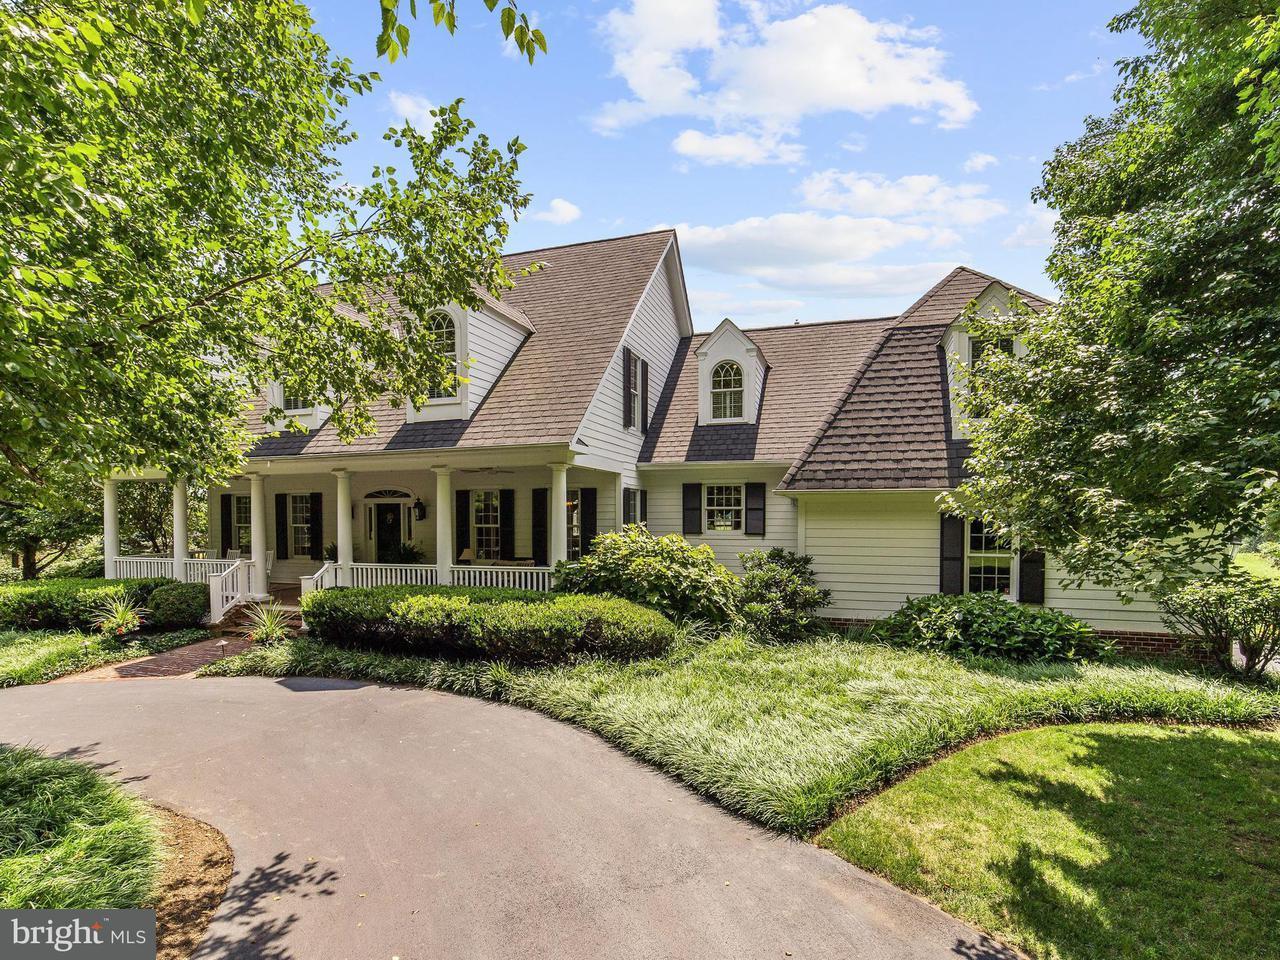 Maison unifamiliale pour l Vente à 10419 Queensway Drive 10419 Queensway Drive Ellicott City, Maryland 21042 États-Unis